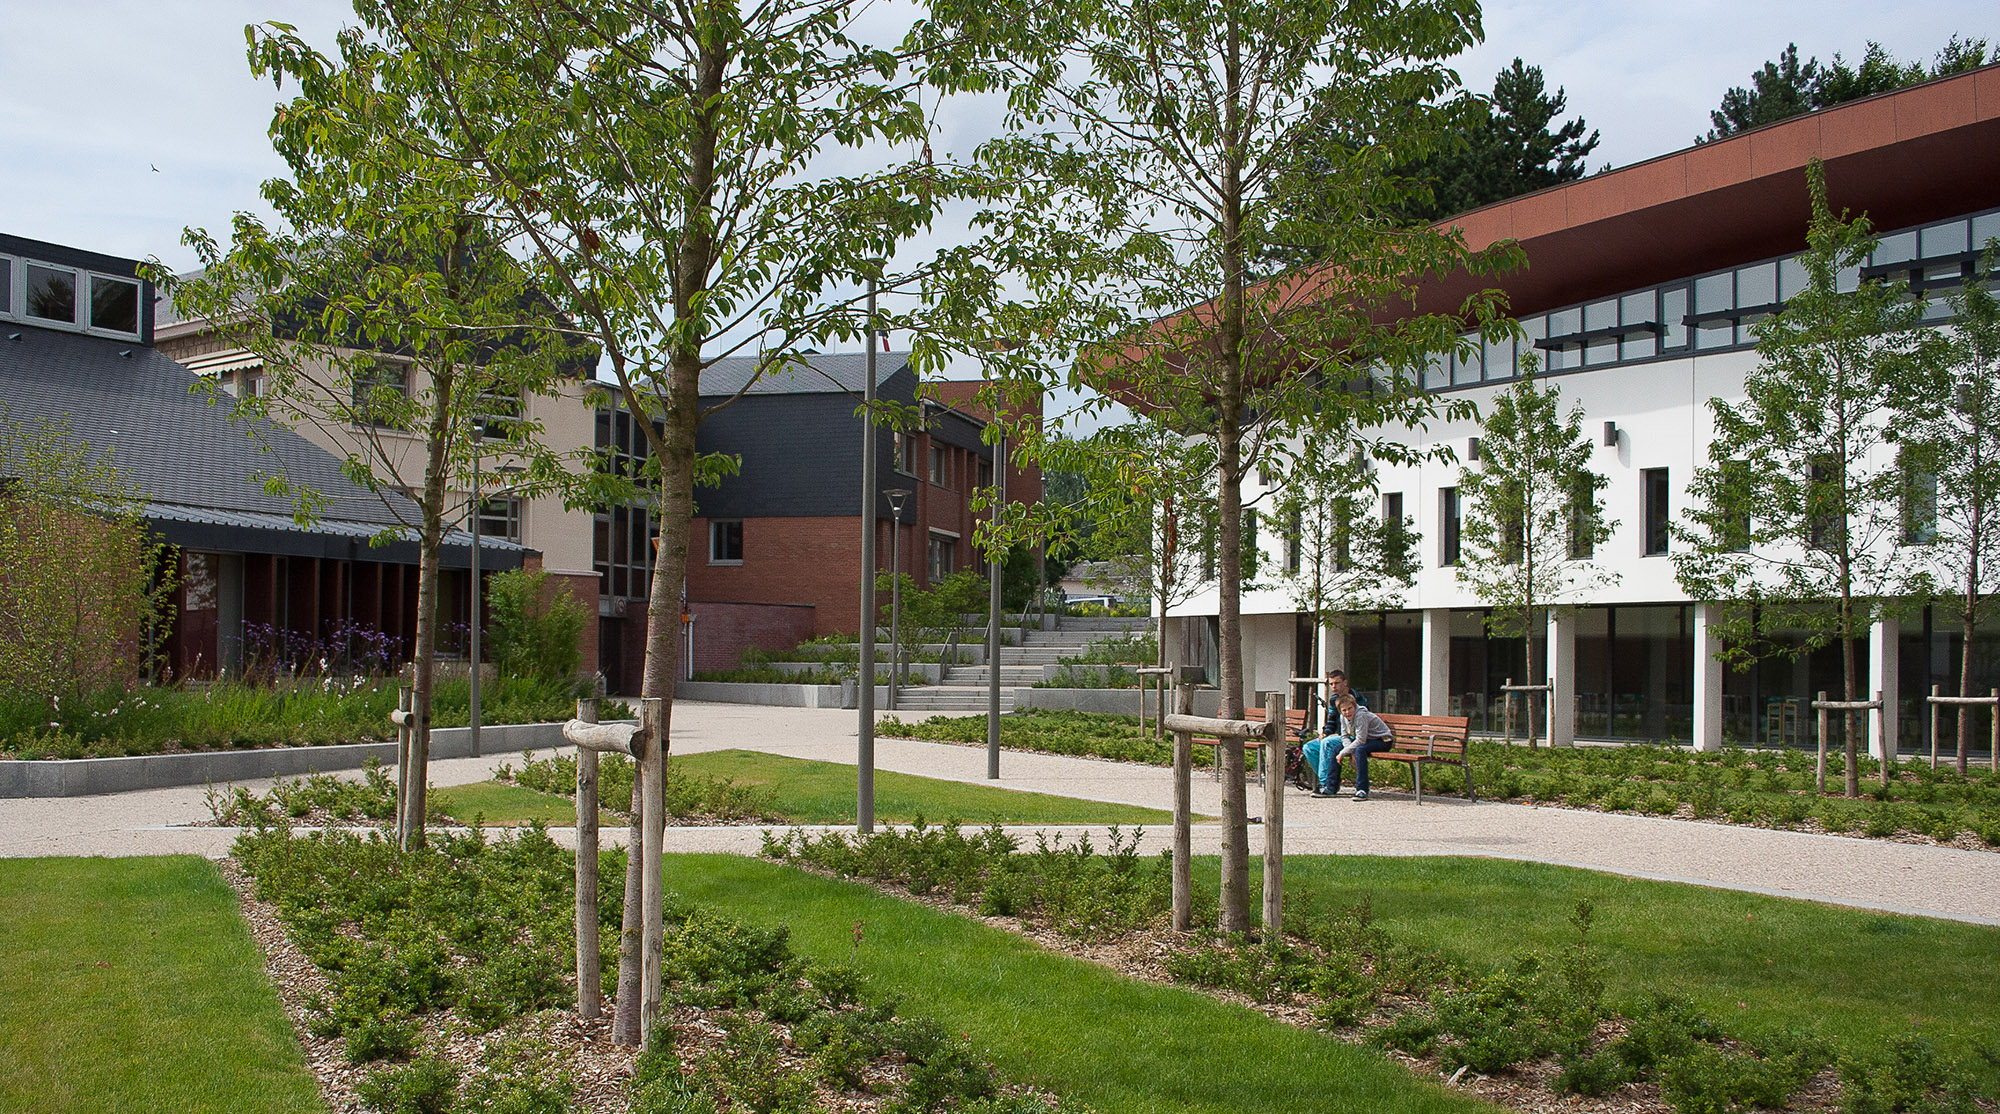 Vue sur la place jardin prenant place entre la médiathèque et la mairie